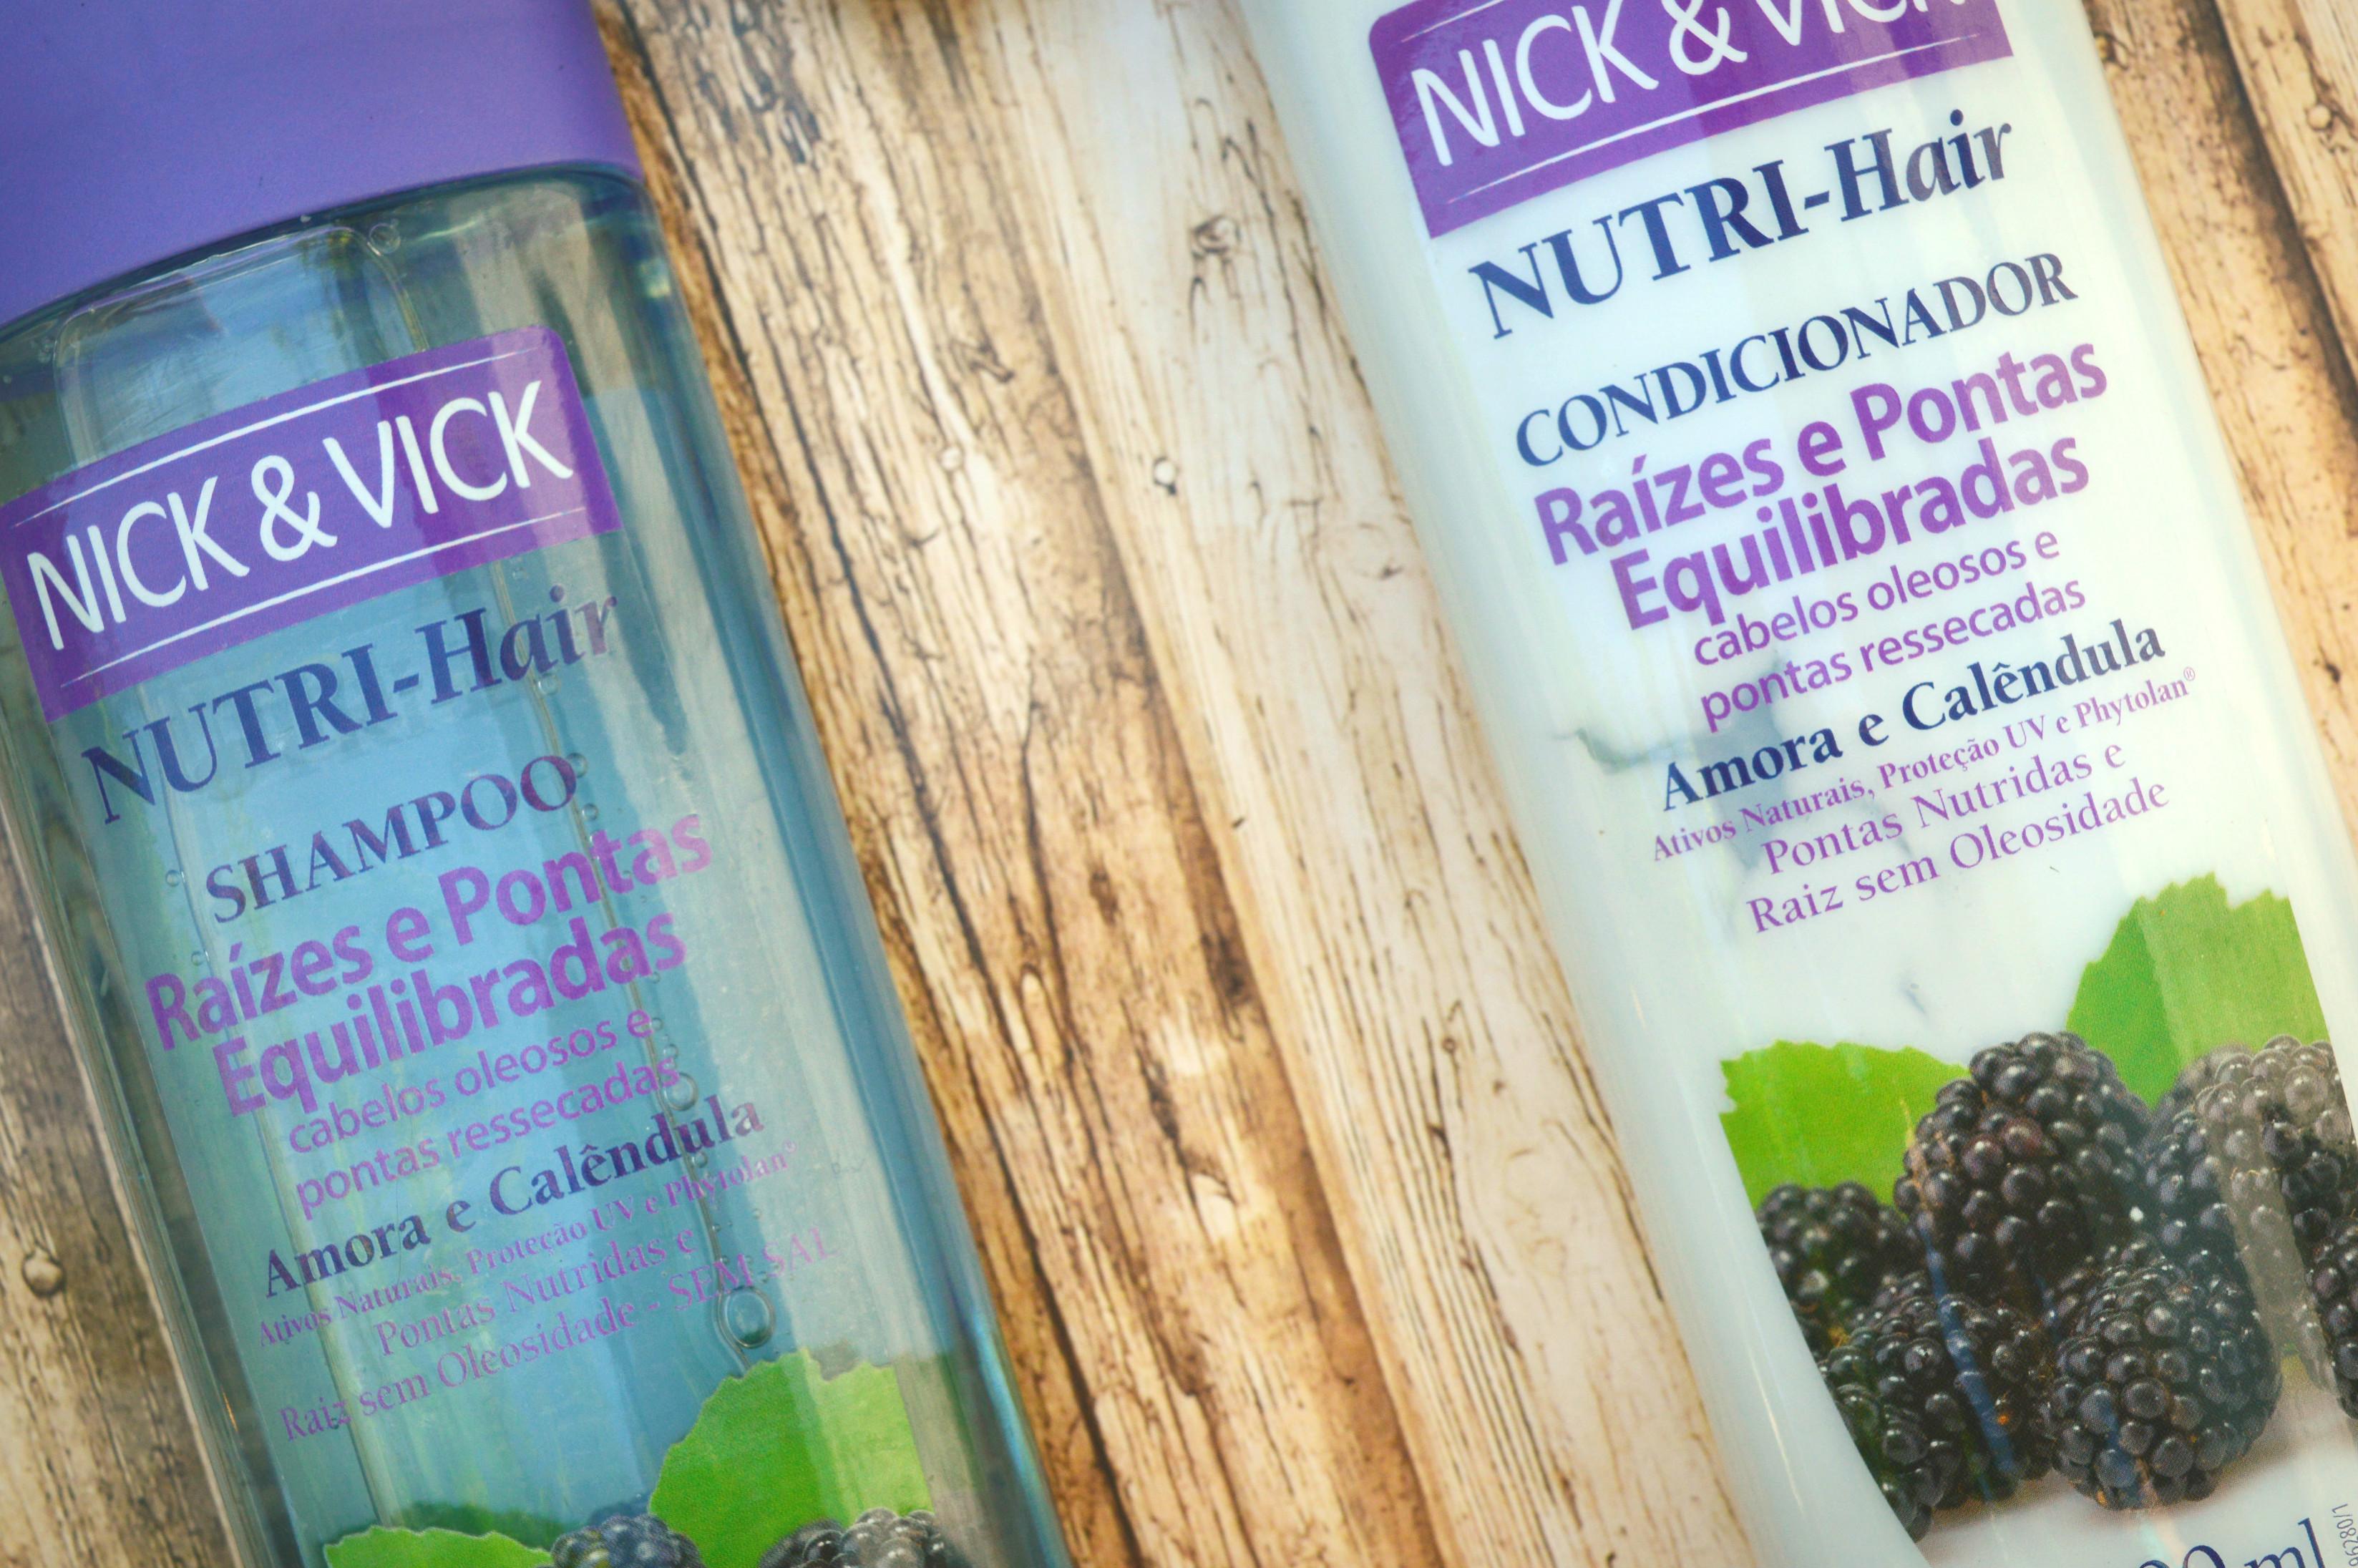 resenha-shampoo-e-condicionador-nutri-hair-raizes-e-pontas-equilibradas-da-nickvick-1